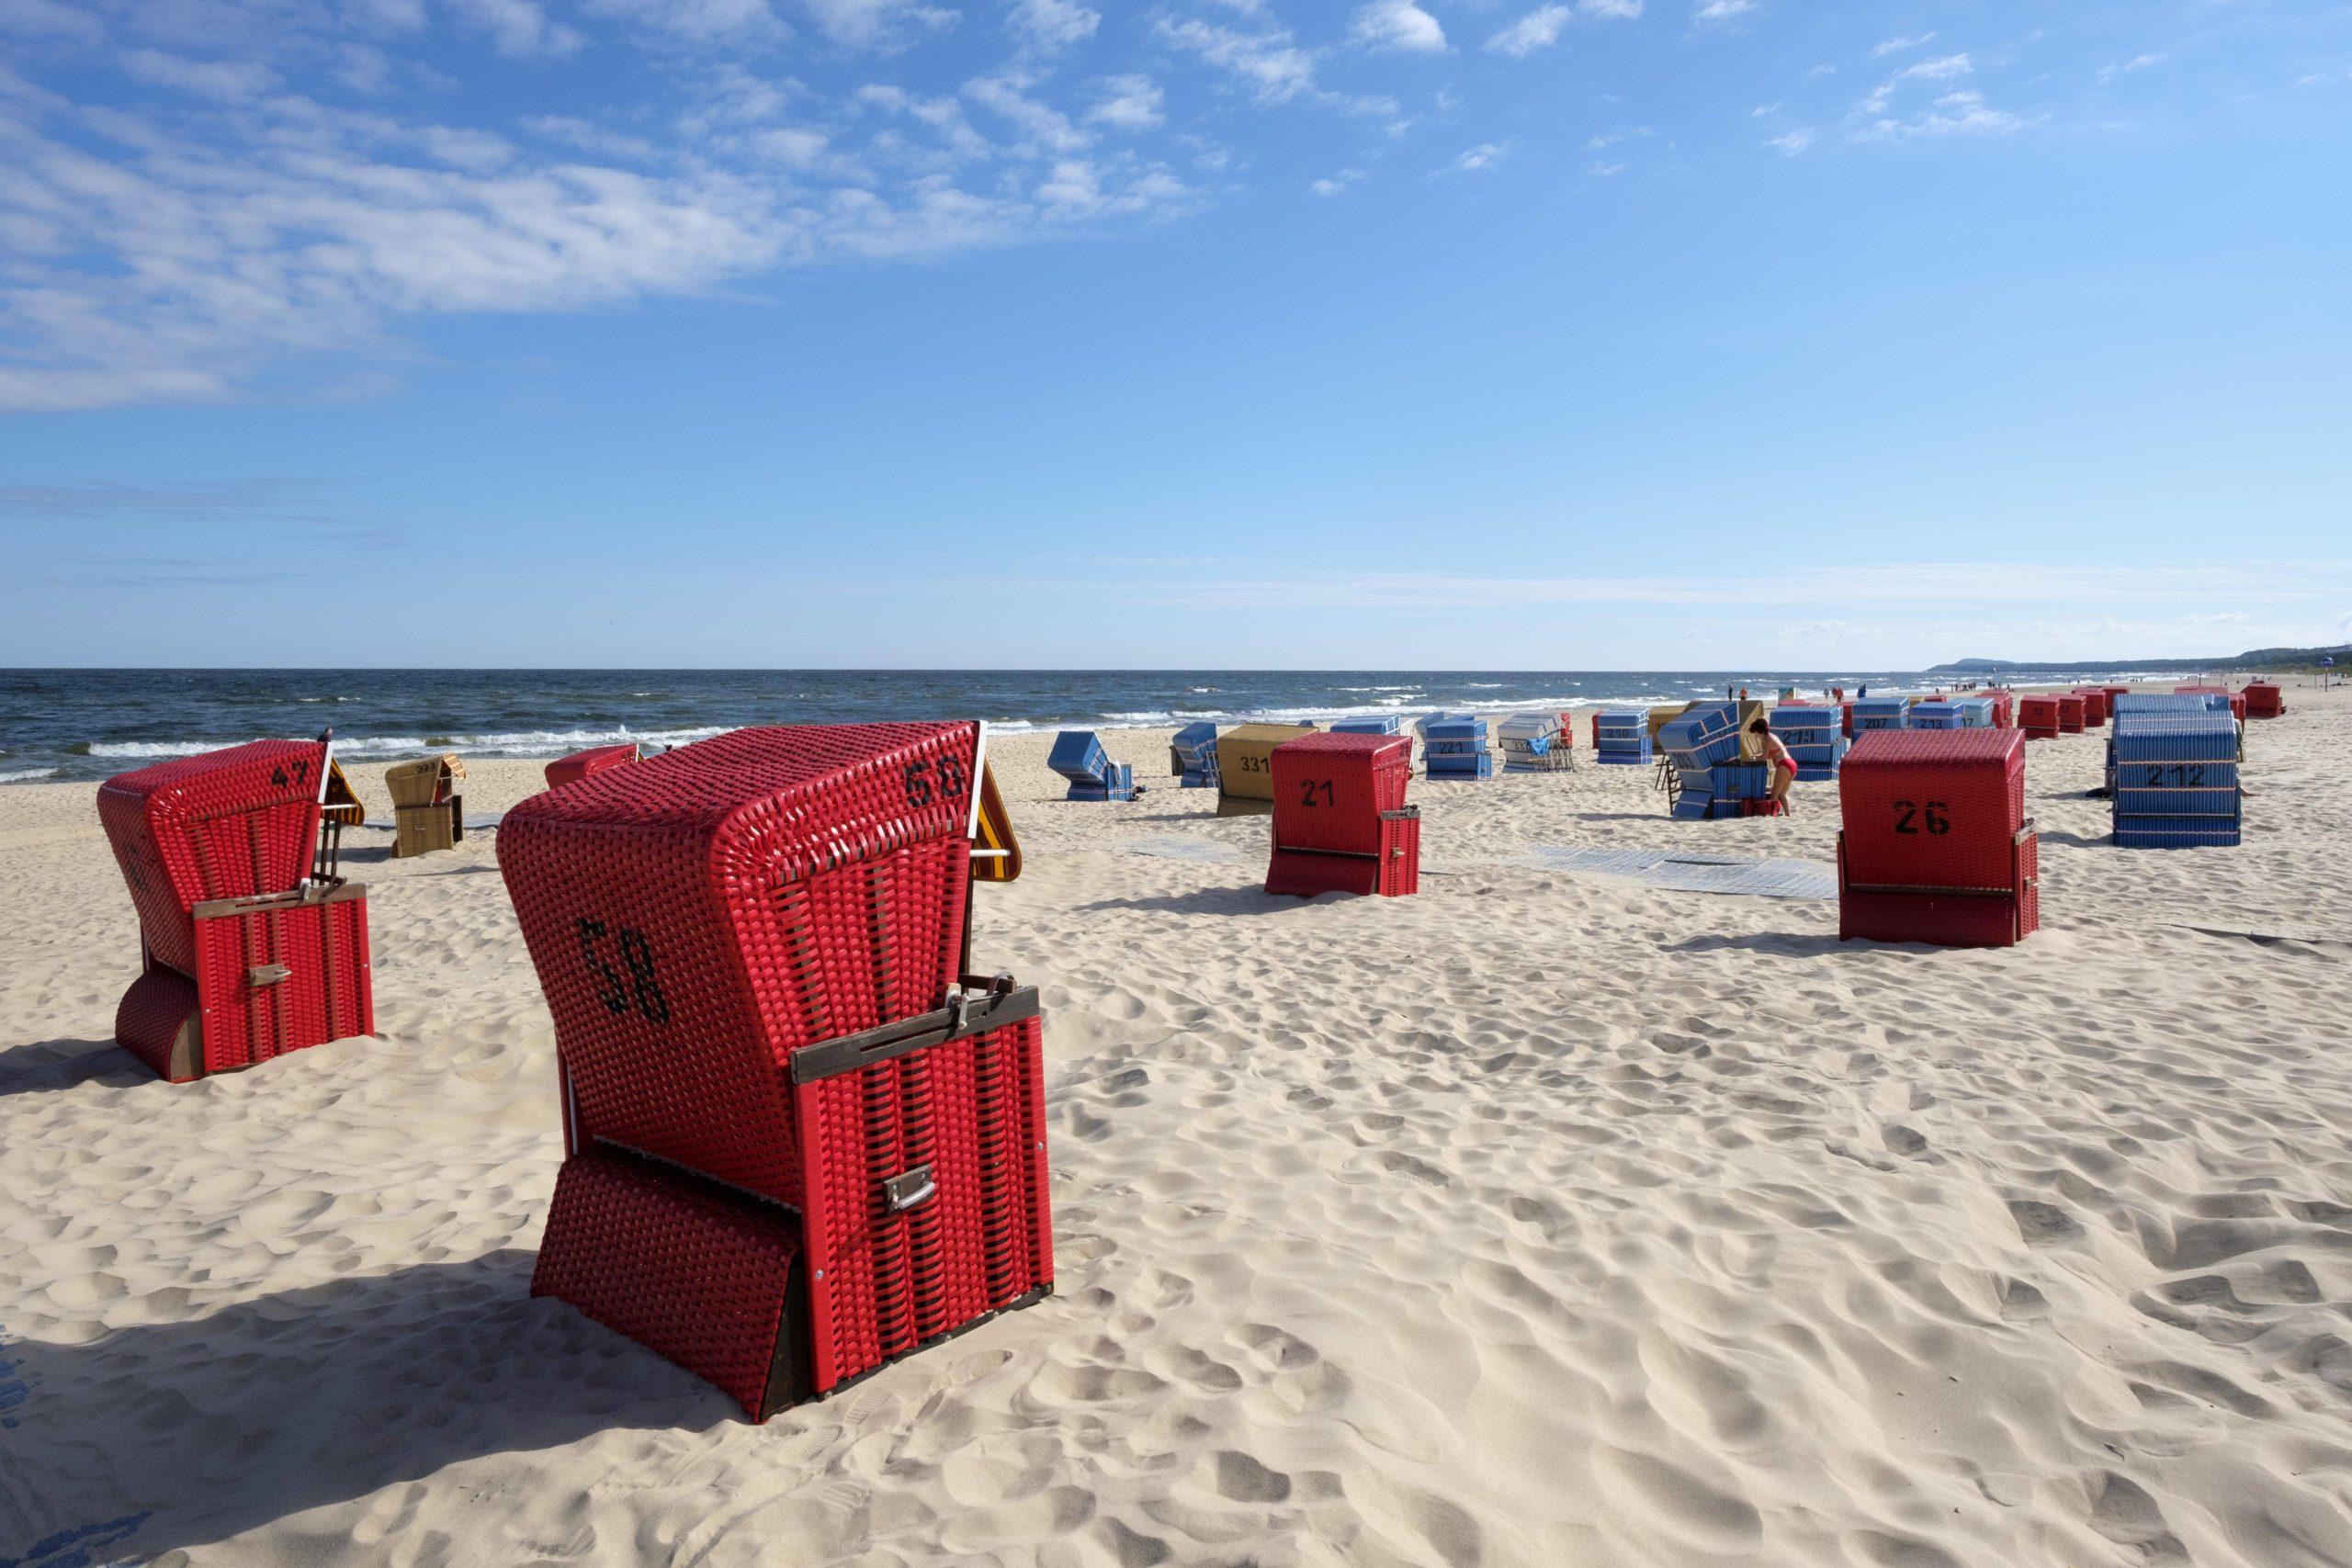 Schönste Strände Ostsee Am Strand in Trassenheide kommt echtes Urlaubsfeeling auf: Das seichte Wasser ist perfekt zum Baden und zieht Leute aller Couleur an.